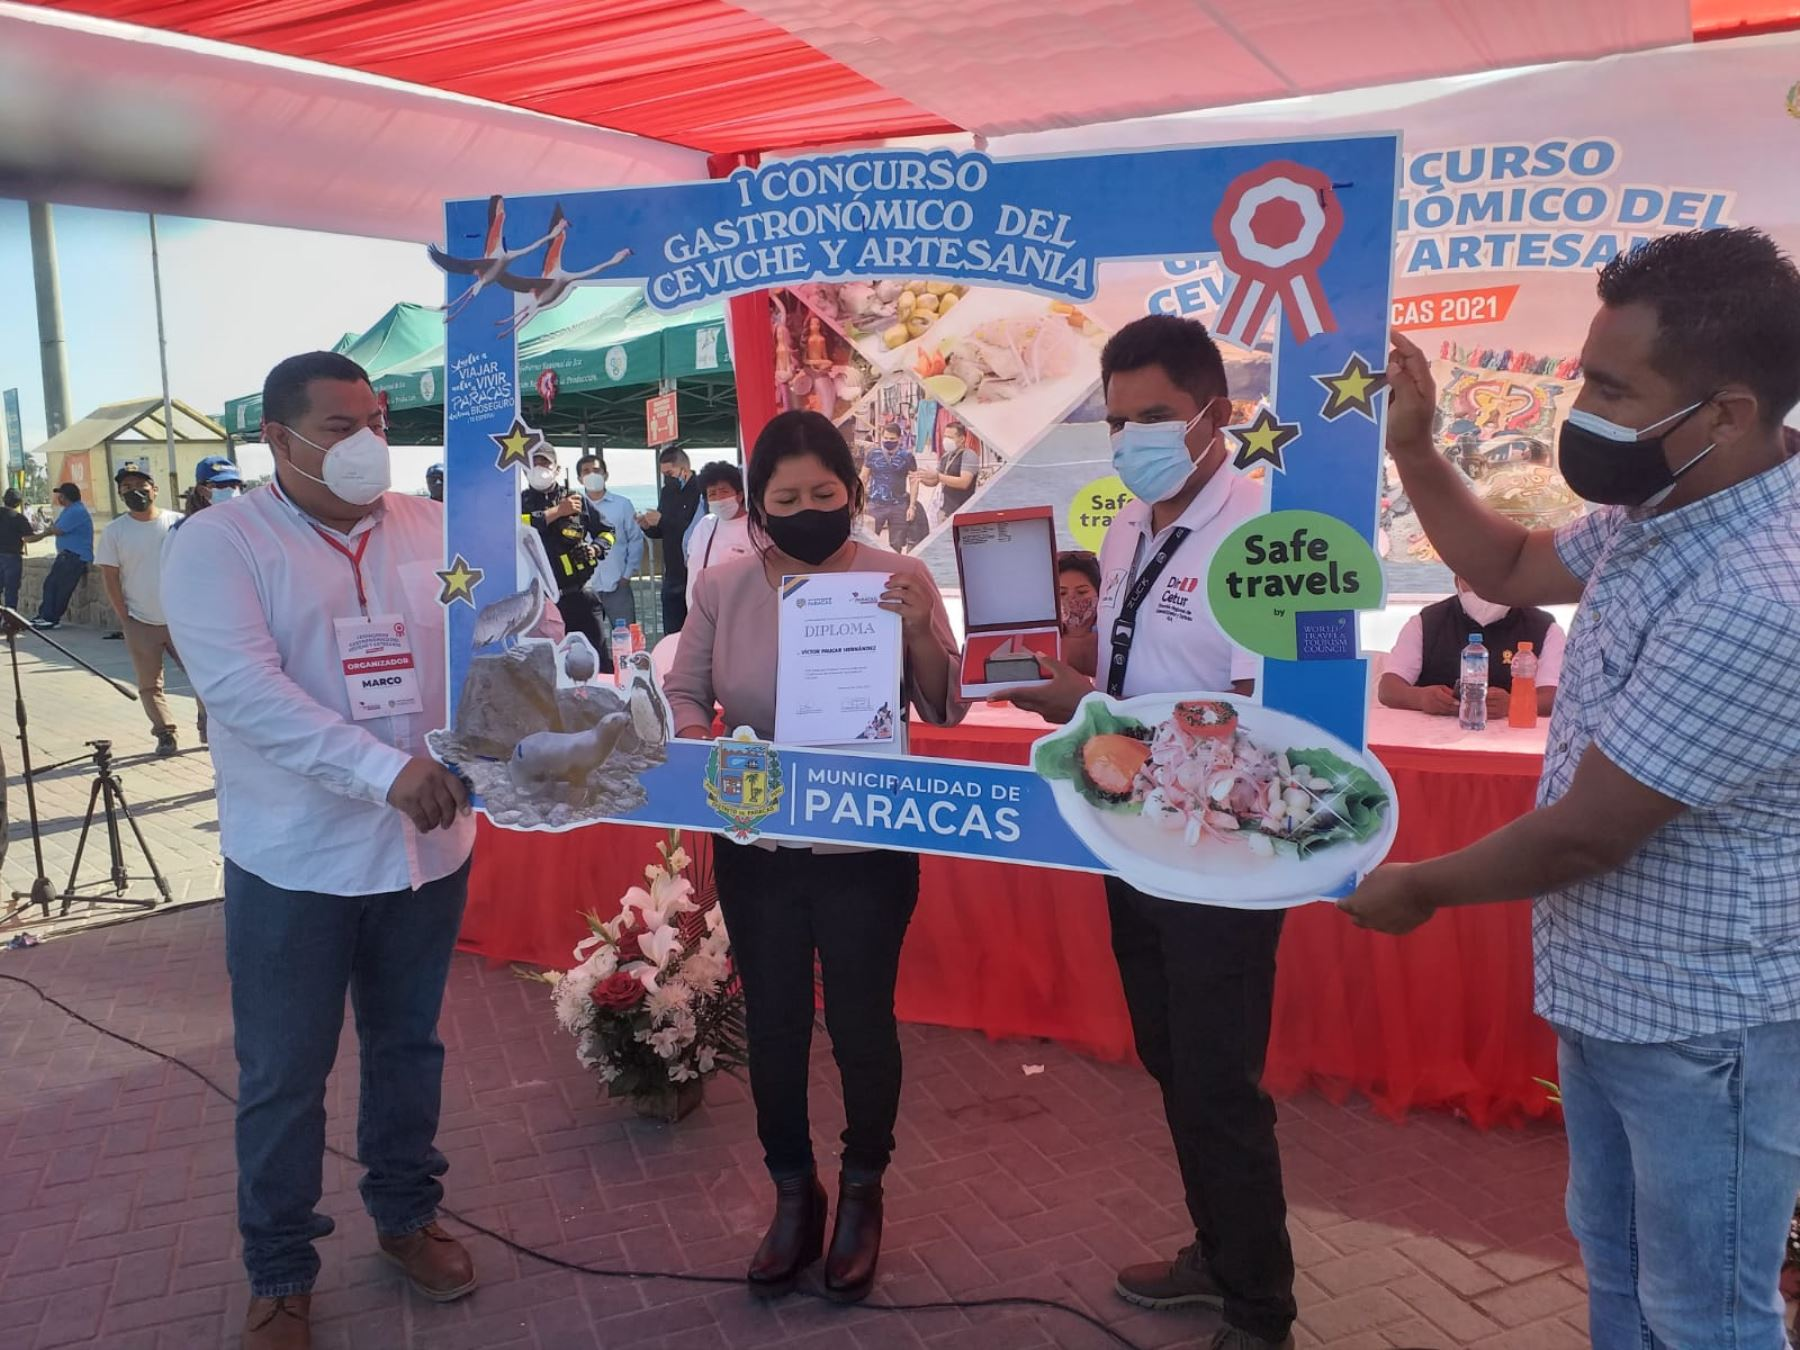 El concurso gastronómico marino organizado por la comuna de Paracas se vio ensalzado por la presencia de los más de cuatro mil visitantes de Lima, que en su gran mayoría, llenaron los hoteles de tres, cuatro y cinco estrellas.